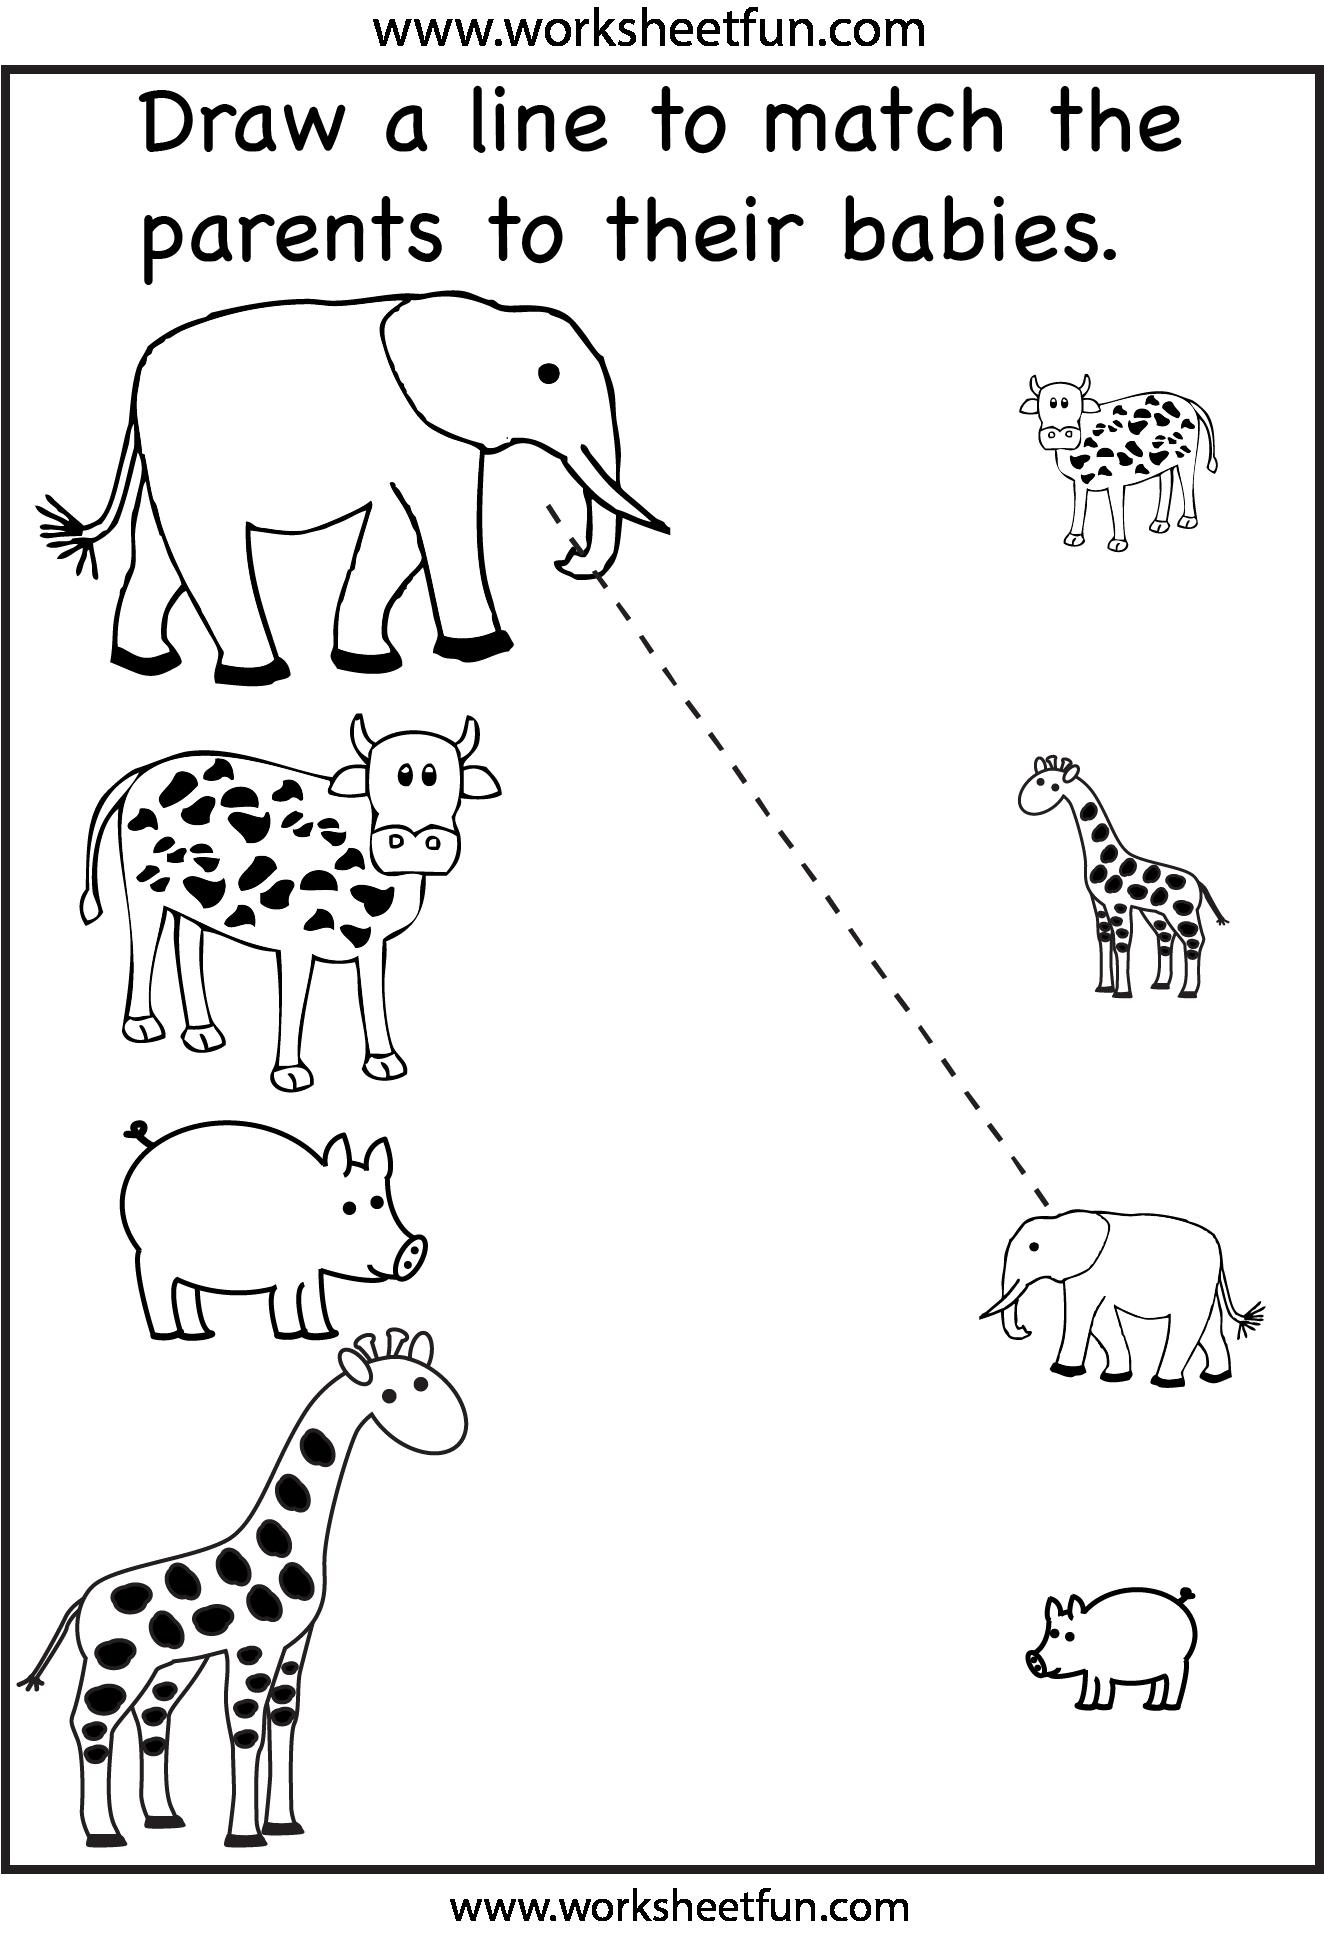 Preschool Worksheets / FREE Printable Worksheets   Free preschool worksheets [ 1933 x 1324 Pixel ]